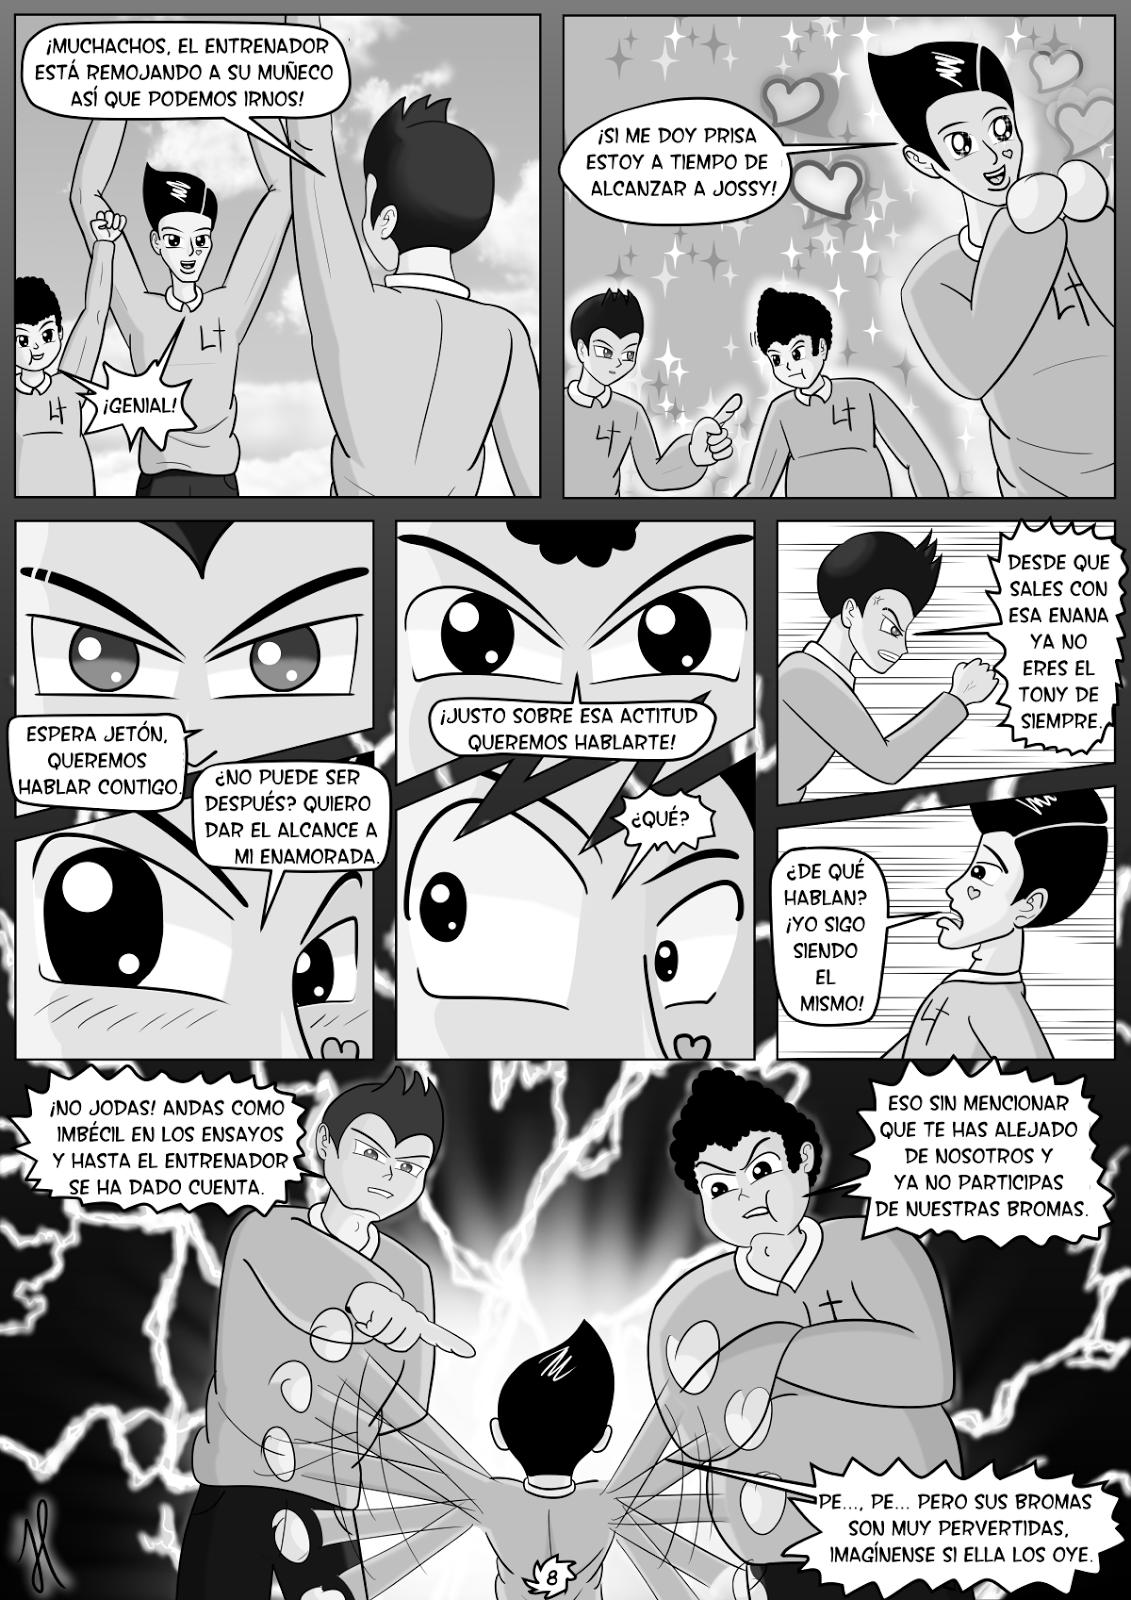 tony-sali-con-tu-mujer-pagina-8